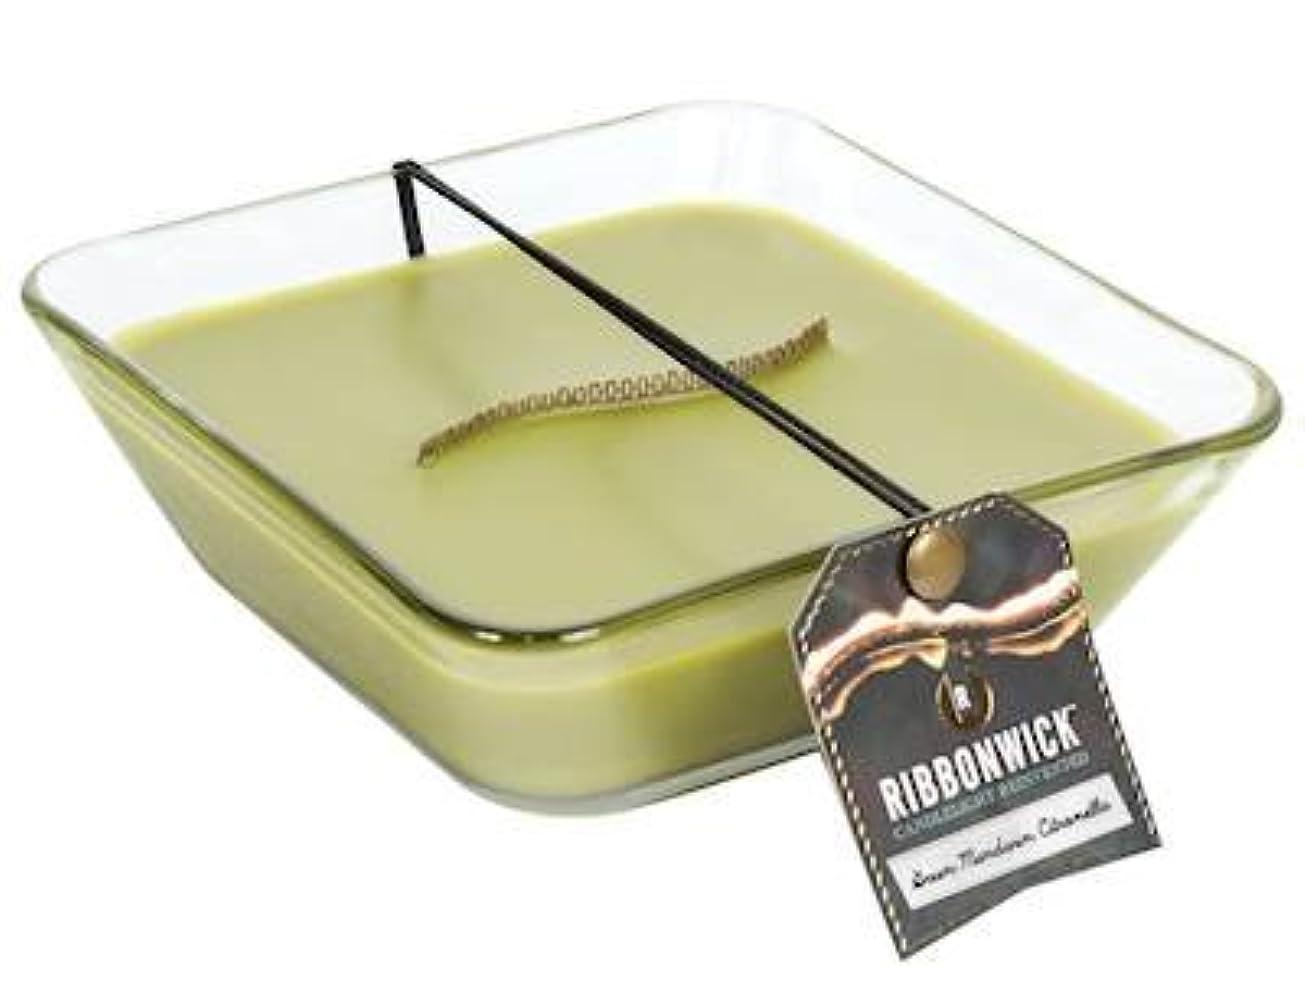 慢な案件アラブサラボグリーンマンダリンシトロネラ装飾ガラスMedium RibbonWick Scented Candle?–?アウトドアコレクション